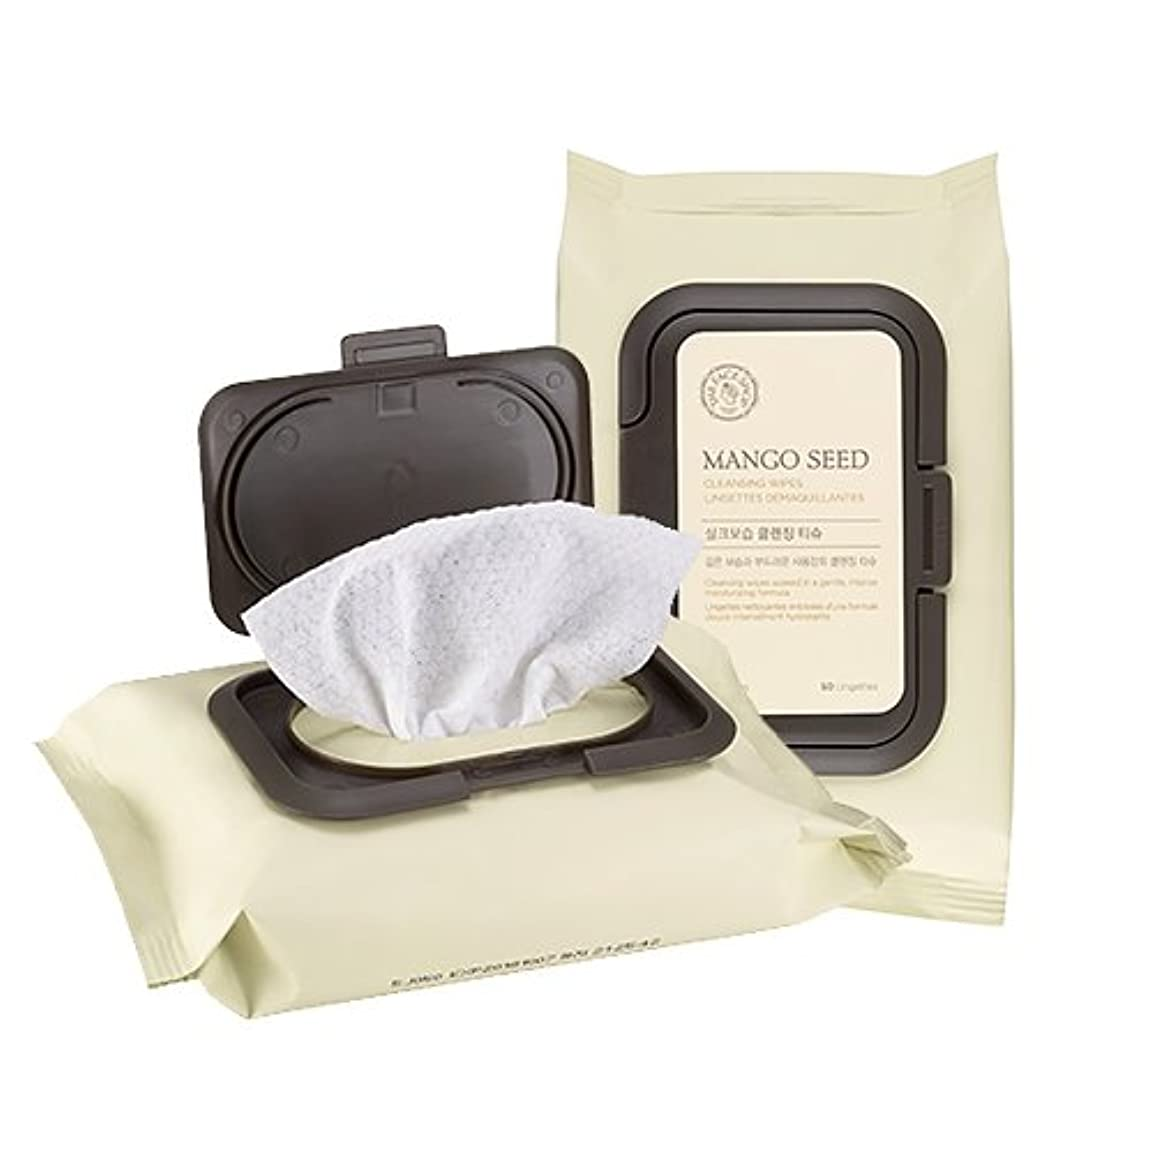 特異な暖かさ本THE FACE SHOP Mango Seed Cleansing Tissue ザフェイスショップ マンゴシード シルク 保湿 クレンジング ティッシュ (50枚) [並行輸入品]